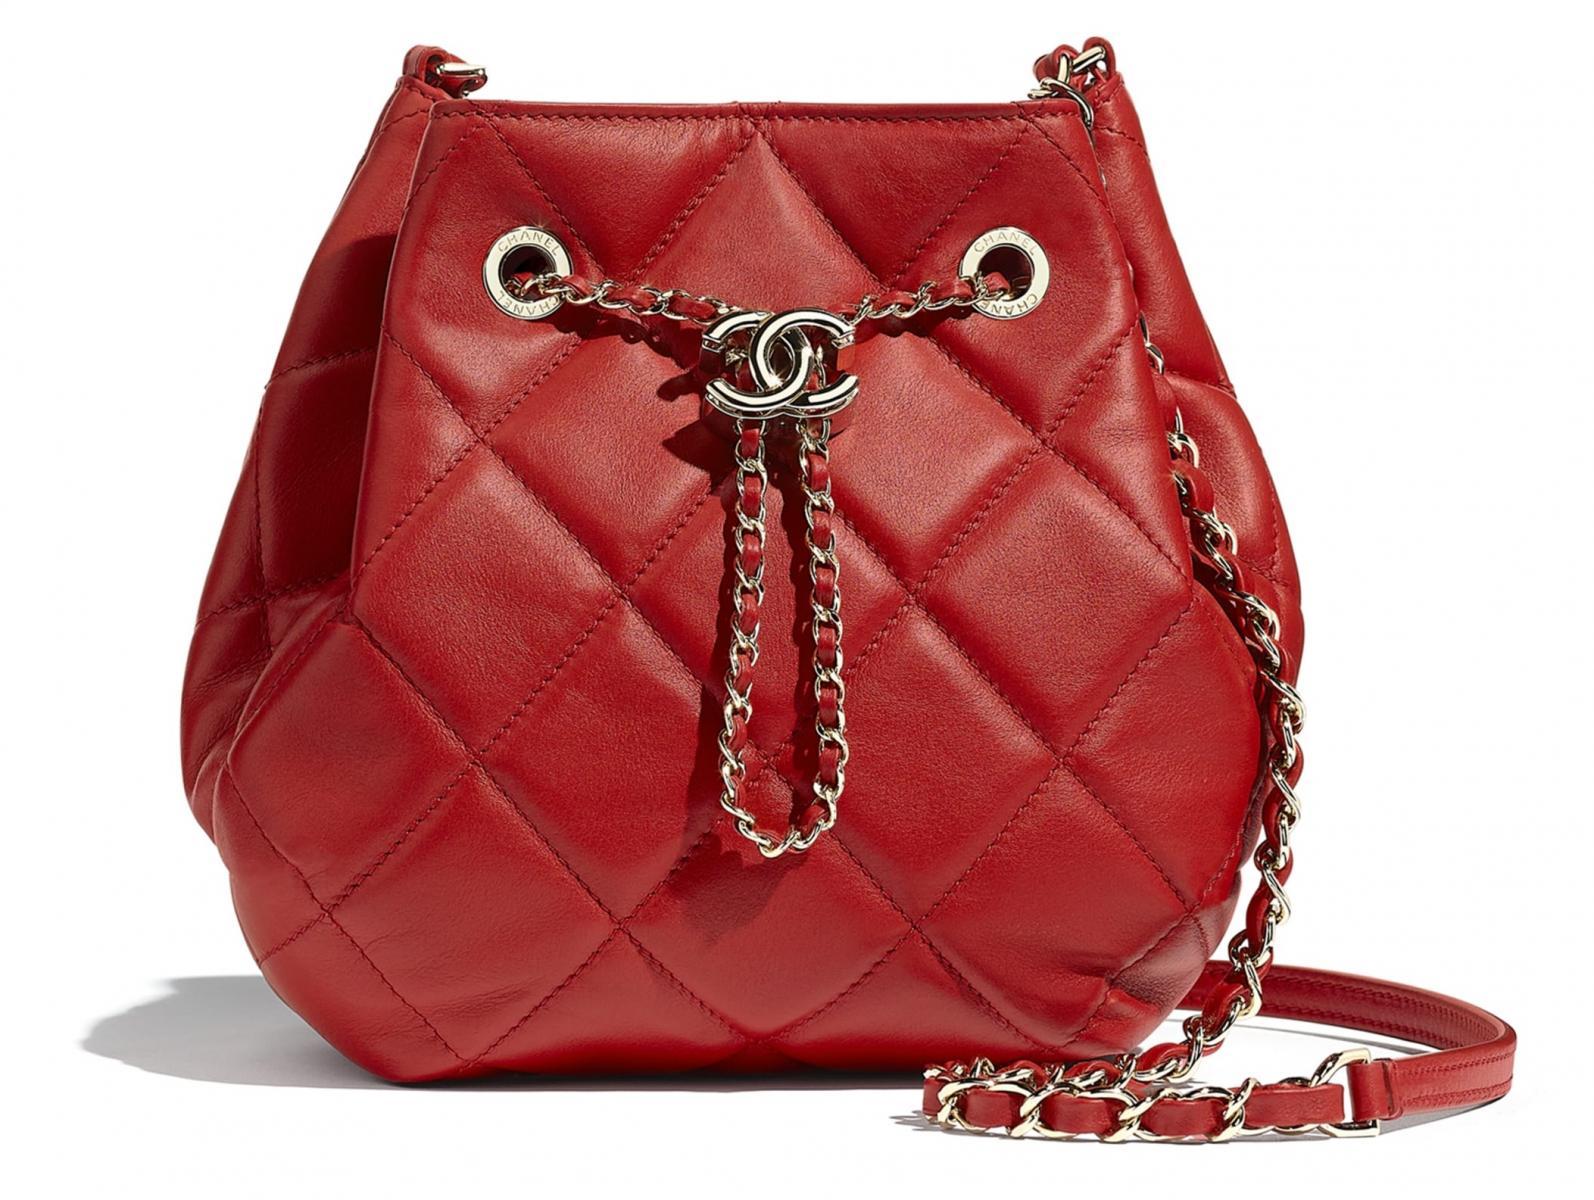 紅色包包推薦Top 10 !LV、Chanel、Celine..色彩心理學家認為「紅色」帶來好人緣!-0